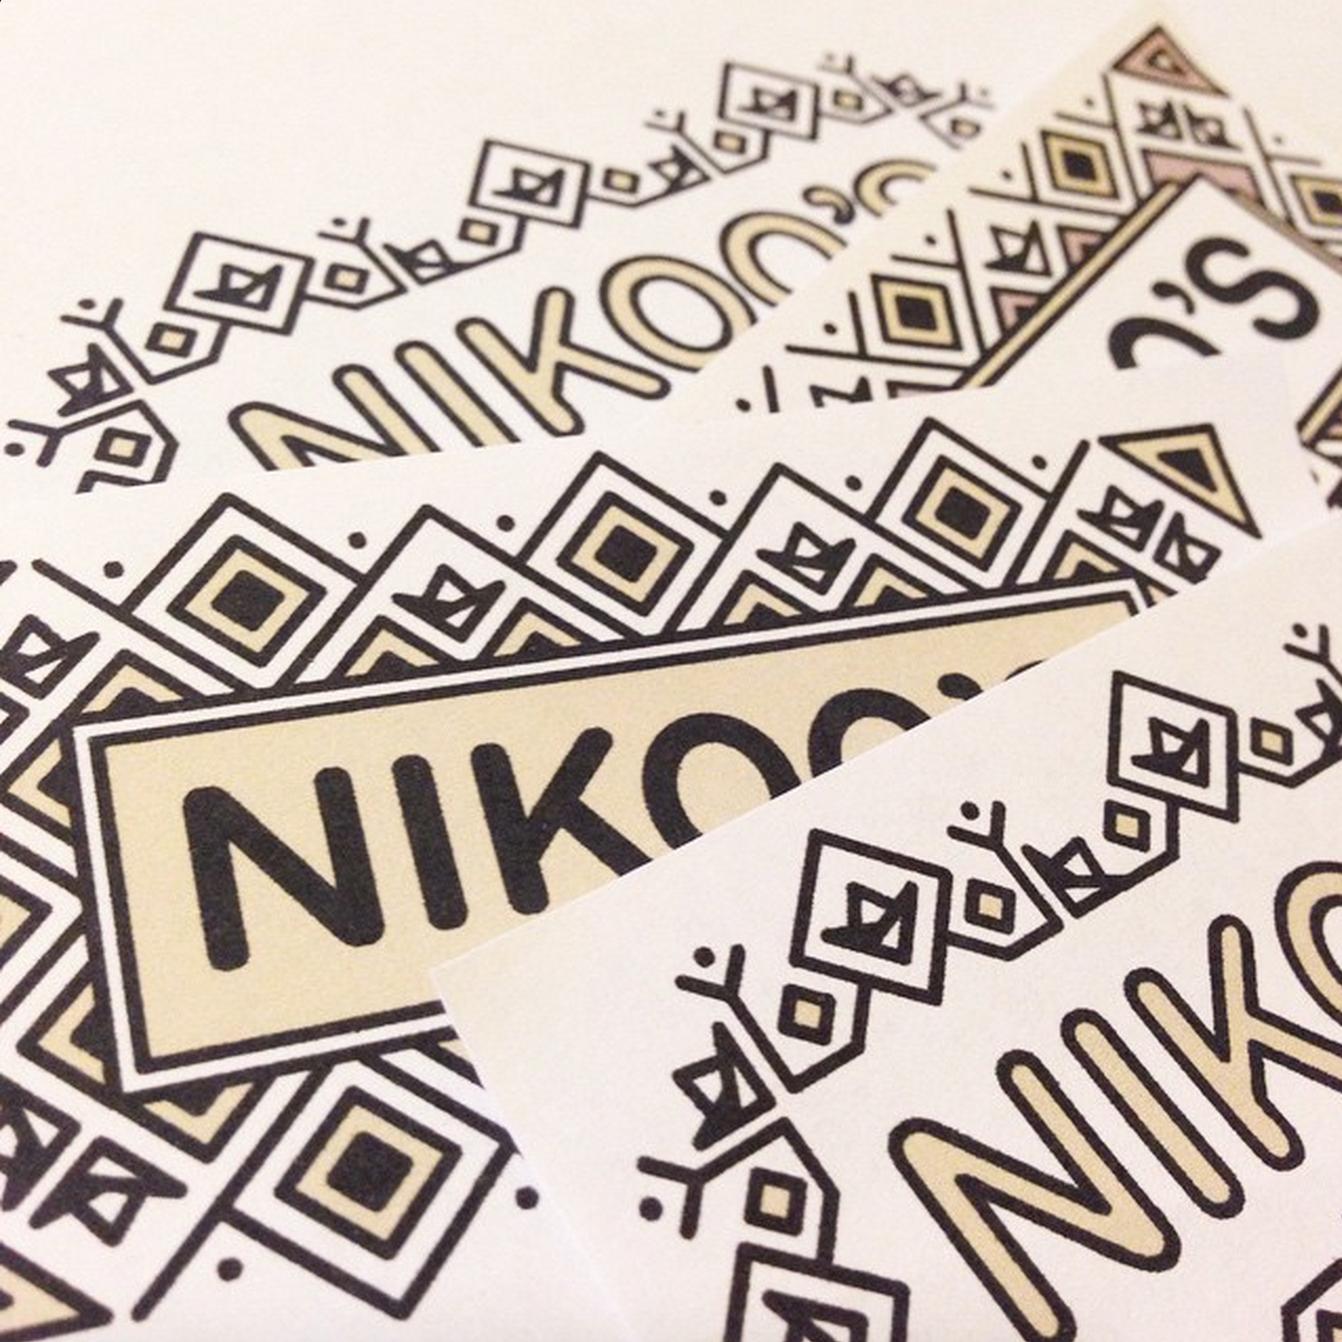 nikoo_edits